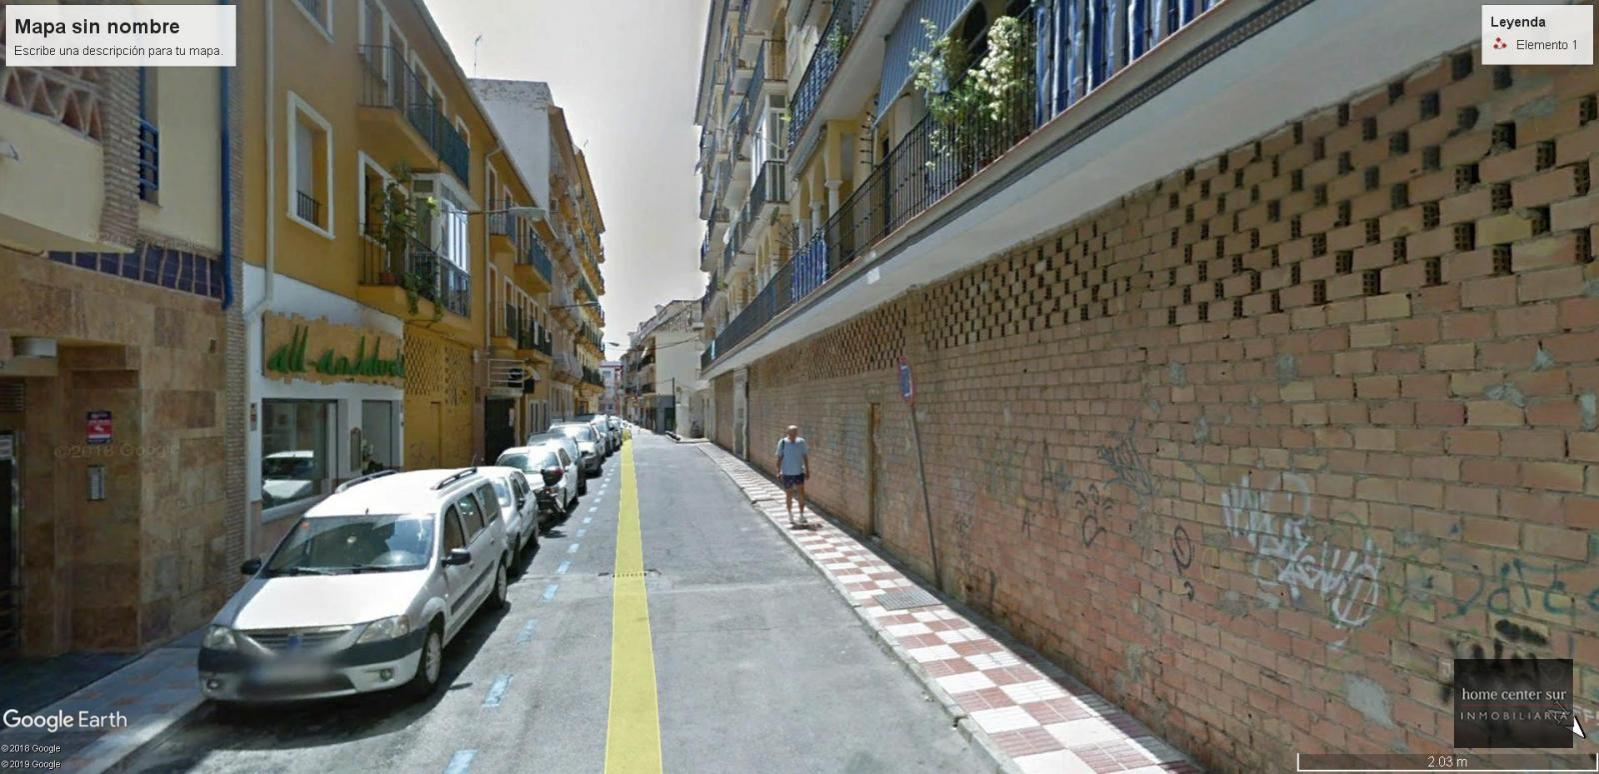 Local en alquiler en Calle Olleria  26 (Fuengirola), 3.350 €/mes